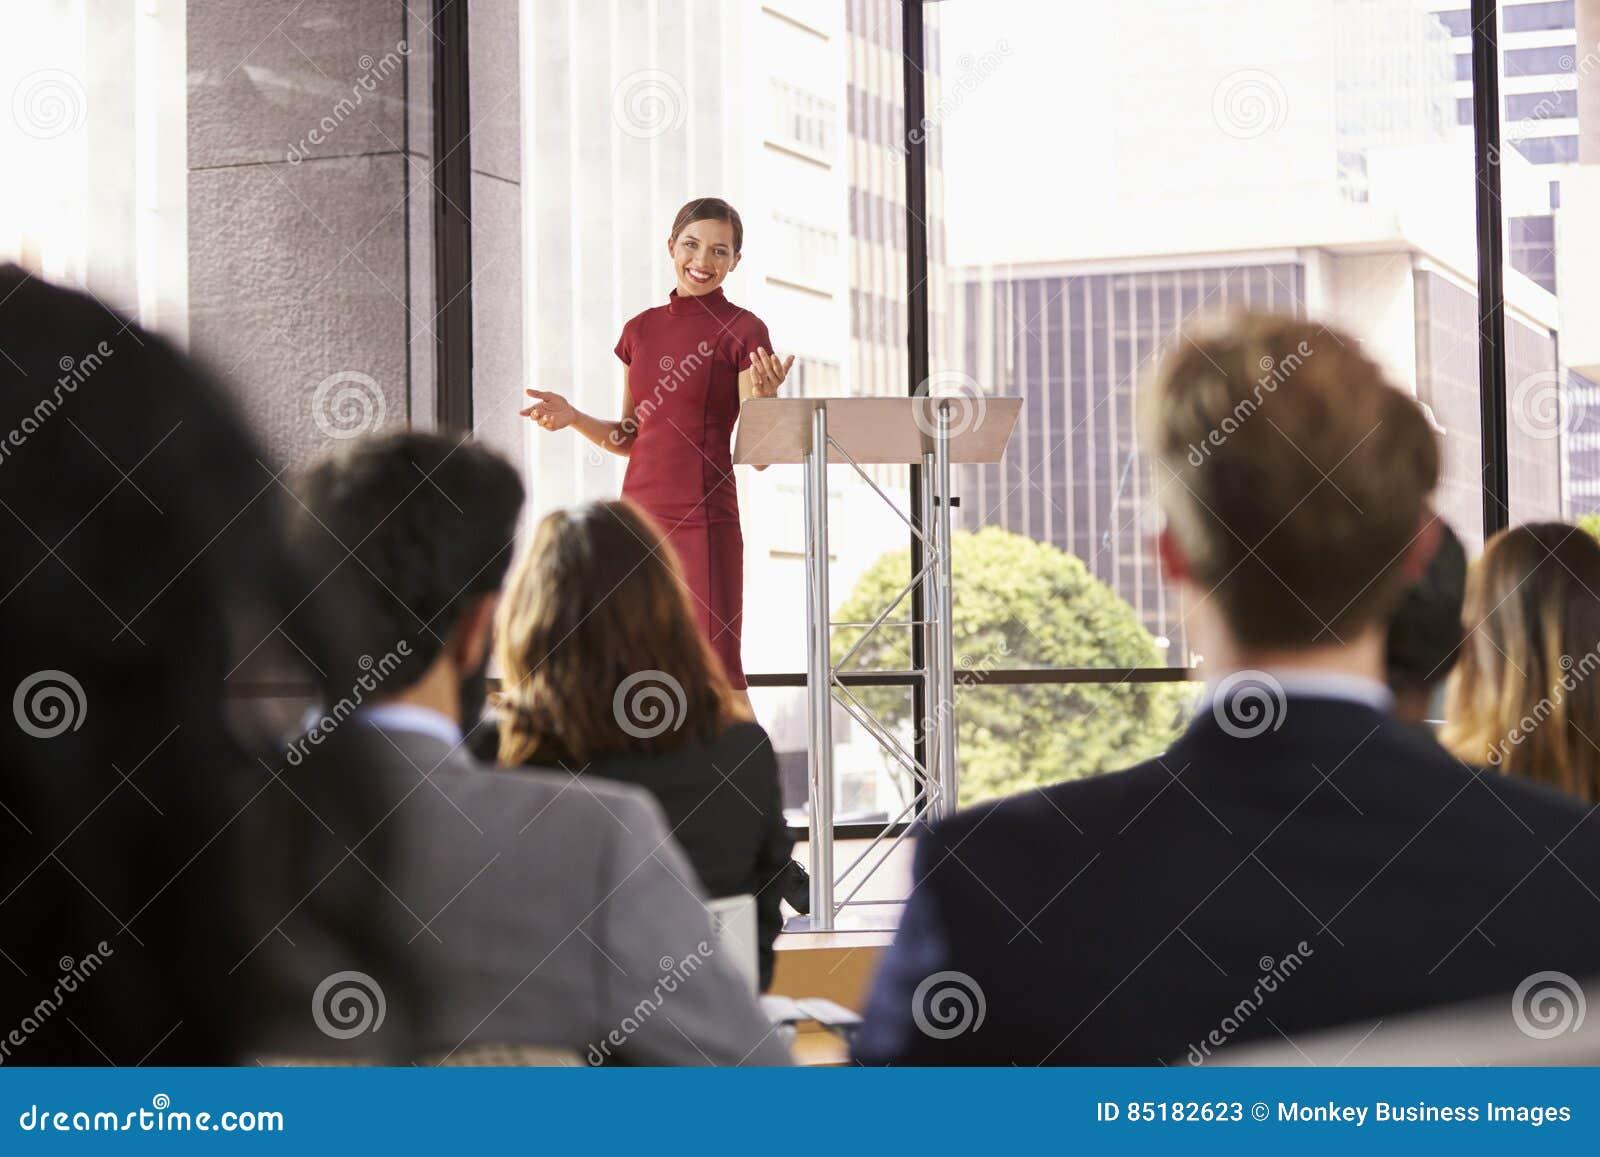 Den unga kvinnan som framlägger affärsseminarium, gör en gest till åhörare